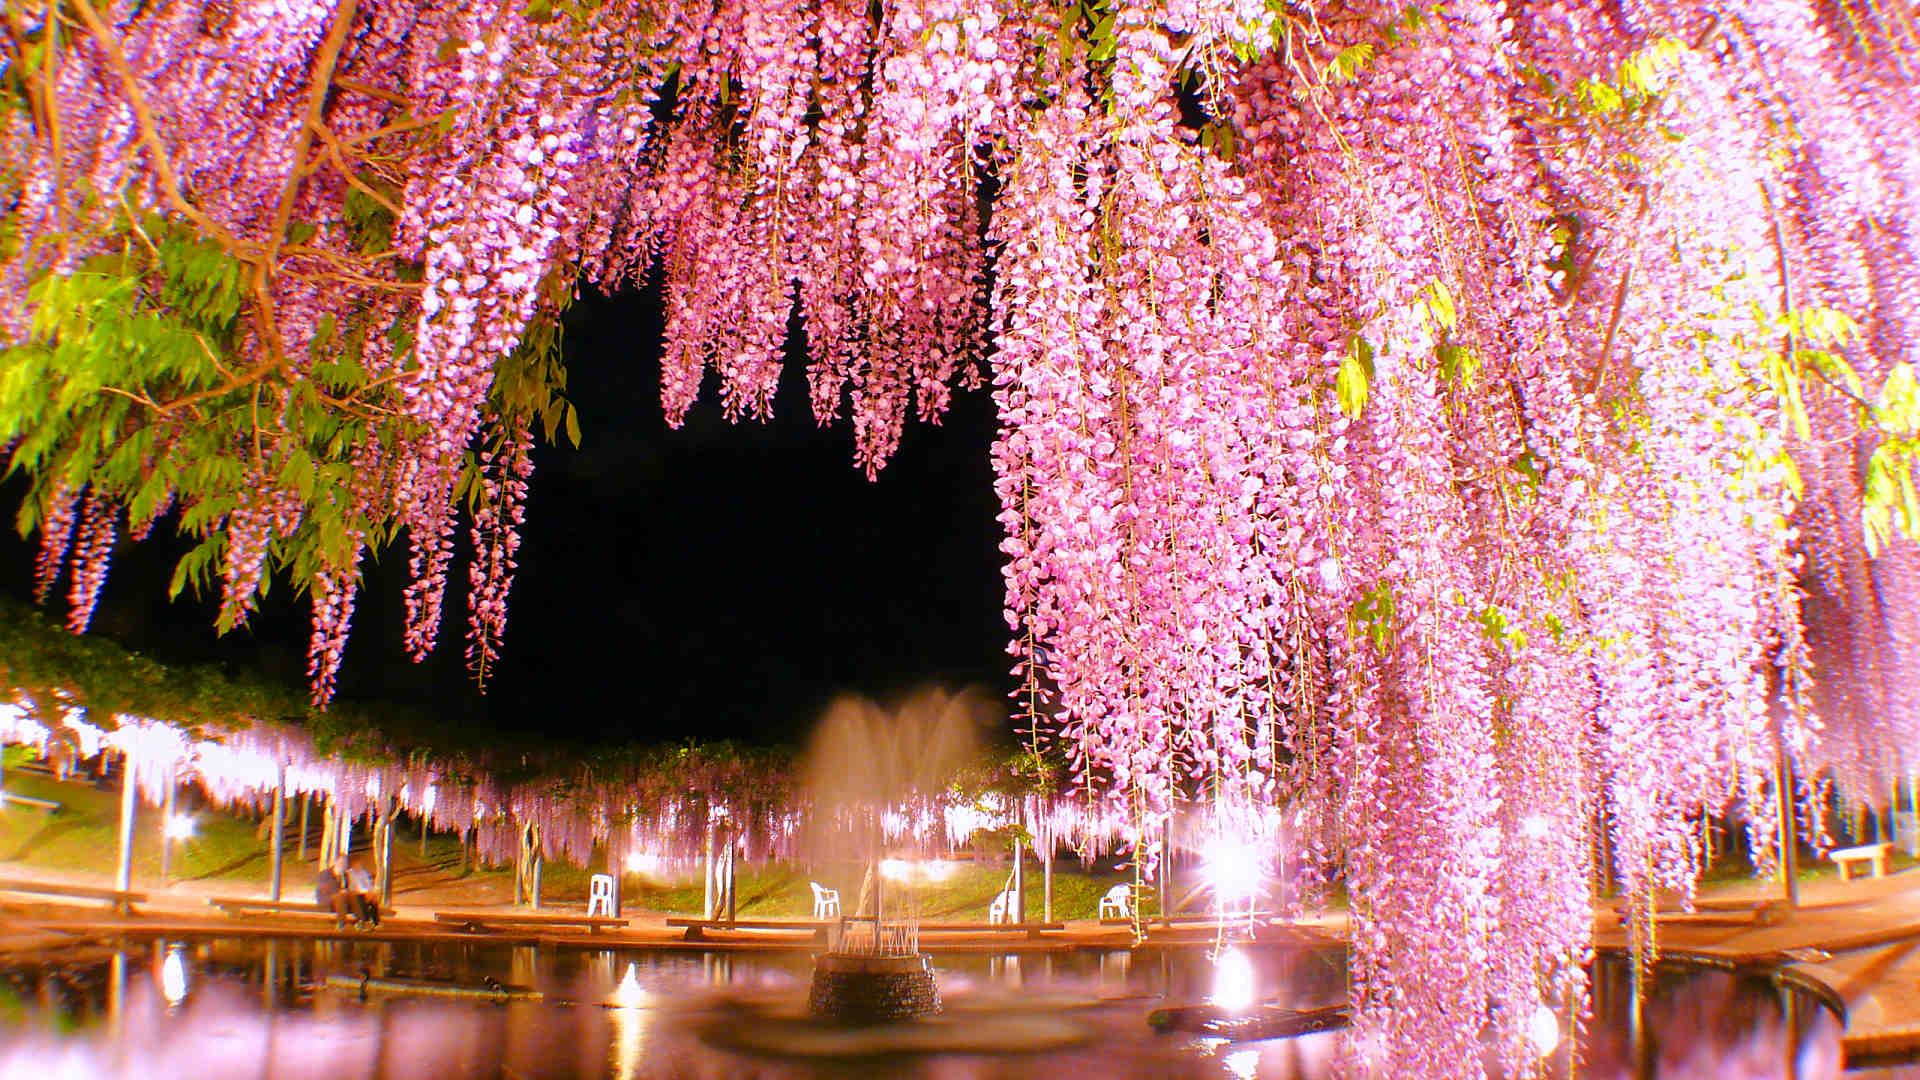 Несостоявшийся маршрут в мае 2020: Киото с окрестностями - Токио - Chichibu - Токио